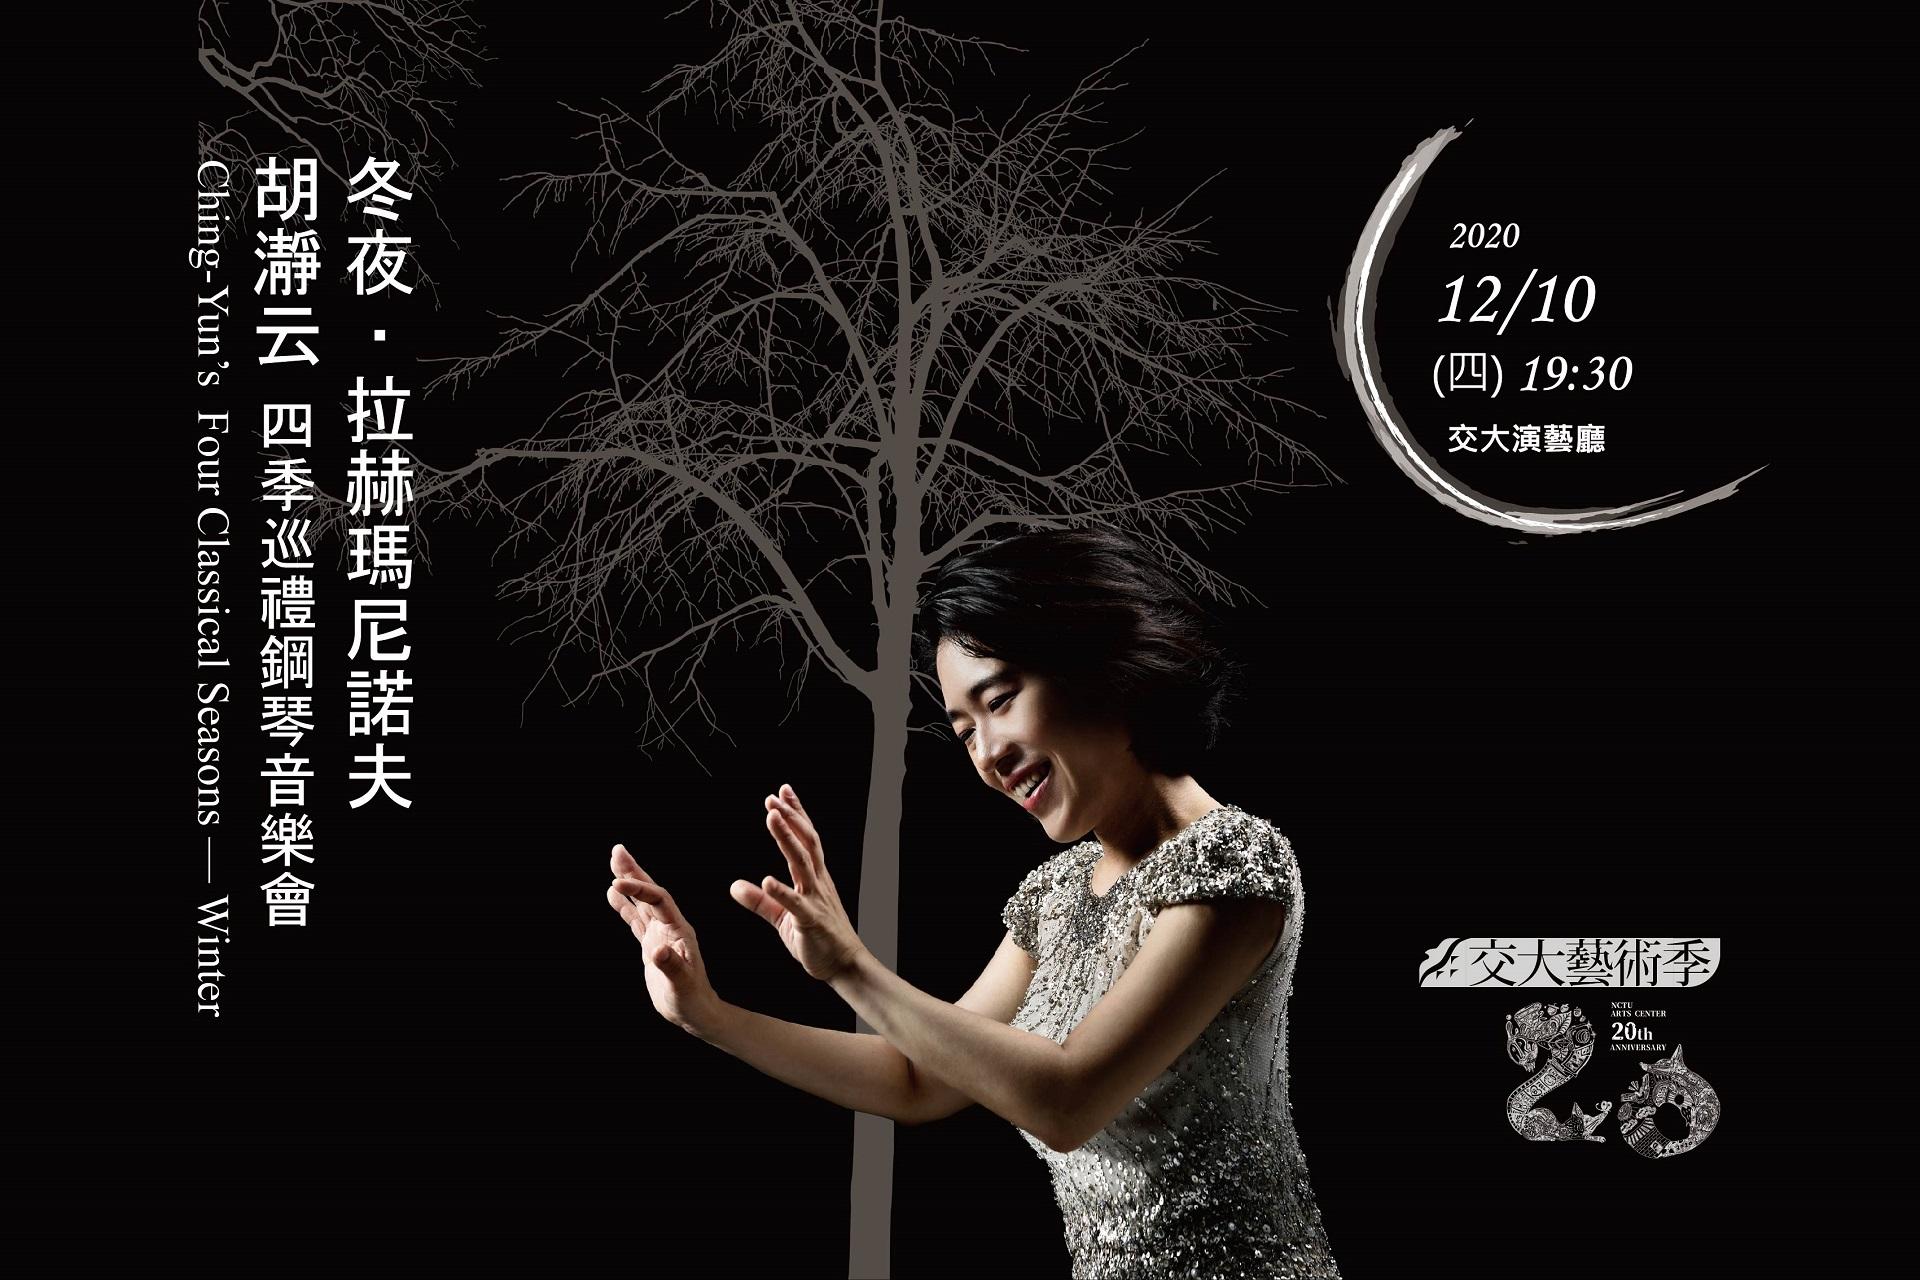 胡瀞云四季巡禮鋼琴音樂會《冬夜‧拉赫瑪尼諾夫》